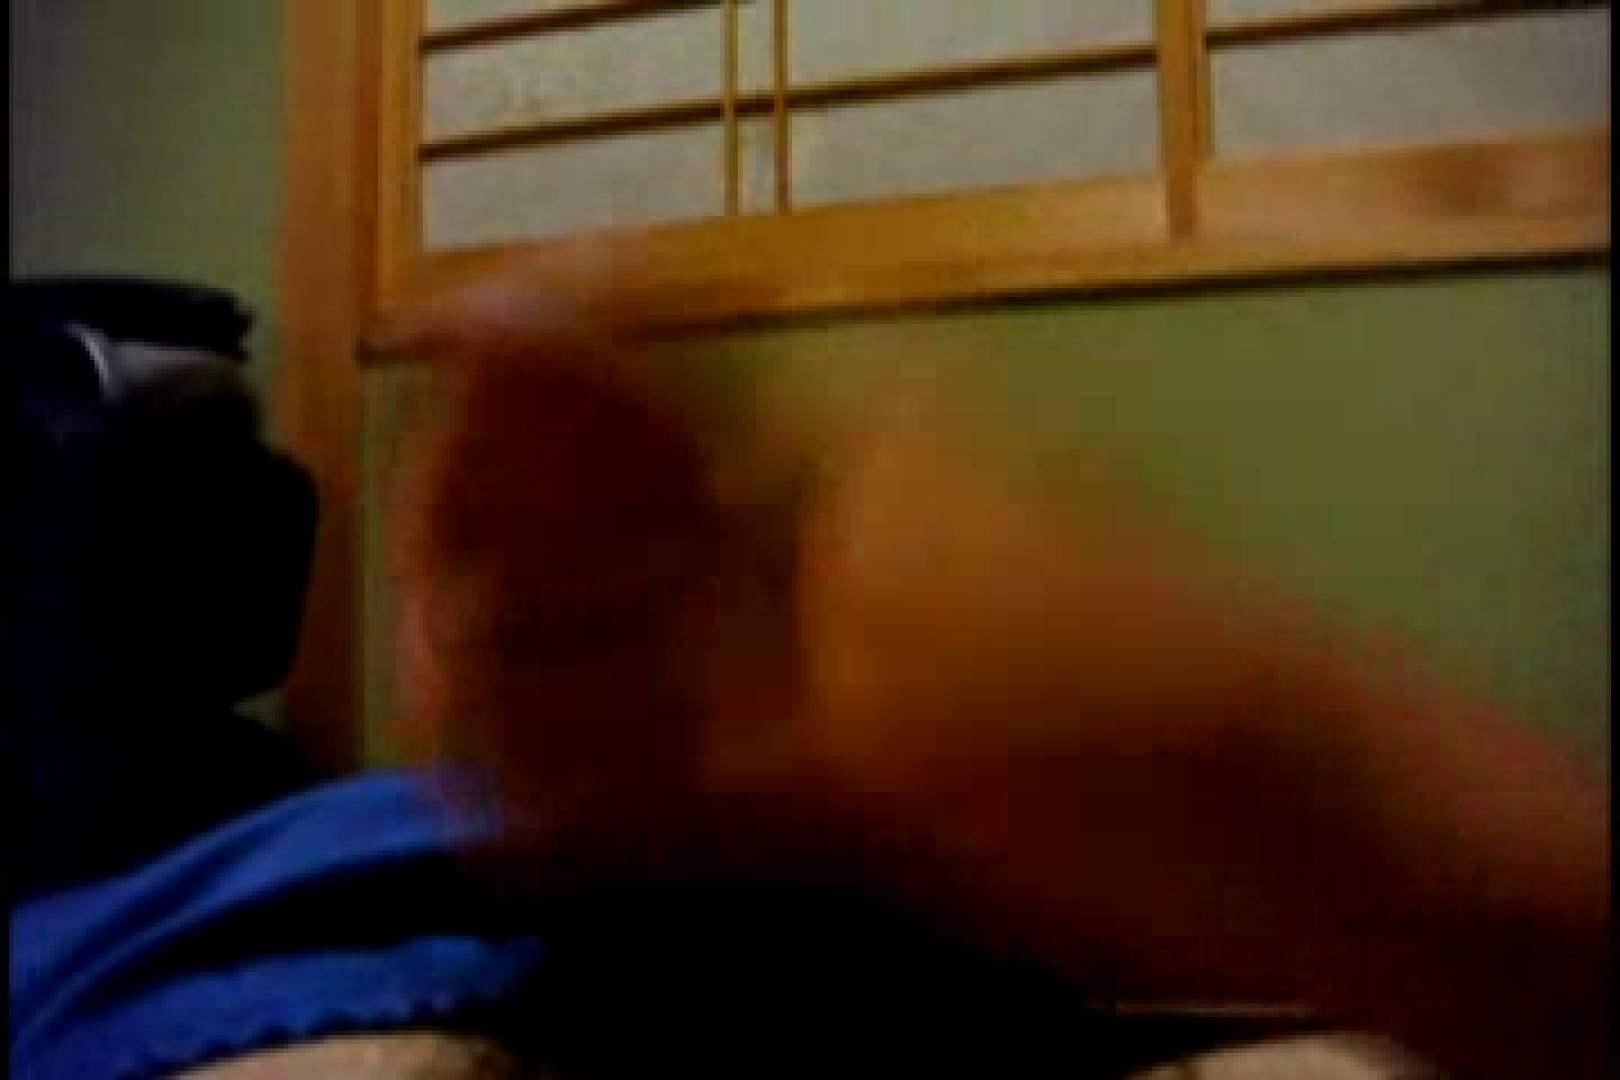 オナ好きノンケテニス部員の自画撮り投稿vol.02 流出作品 ゲイAV画像 89pic 3